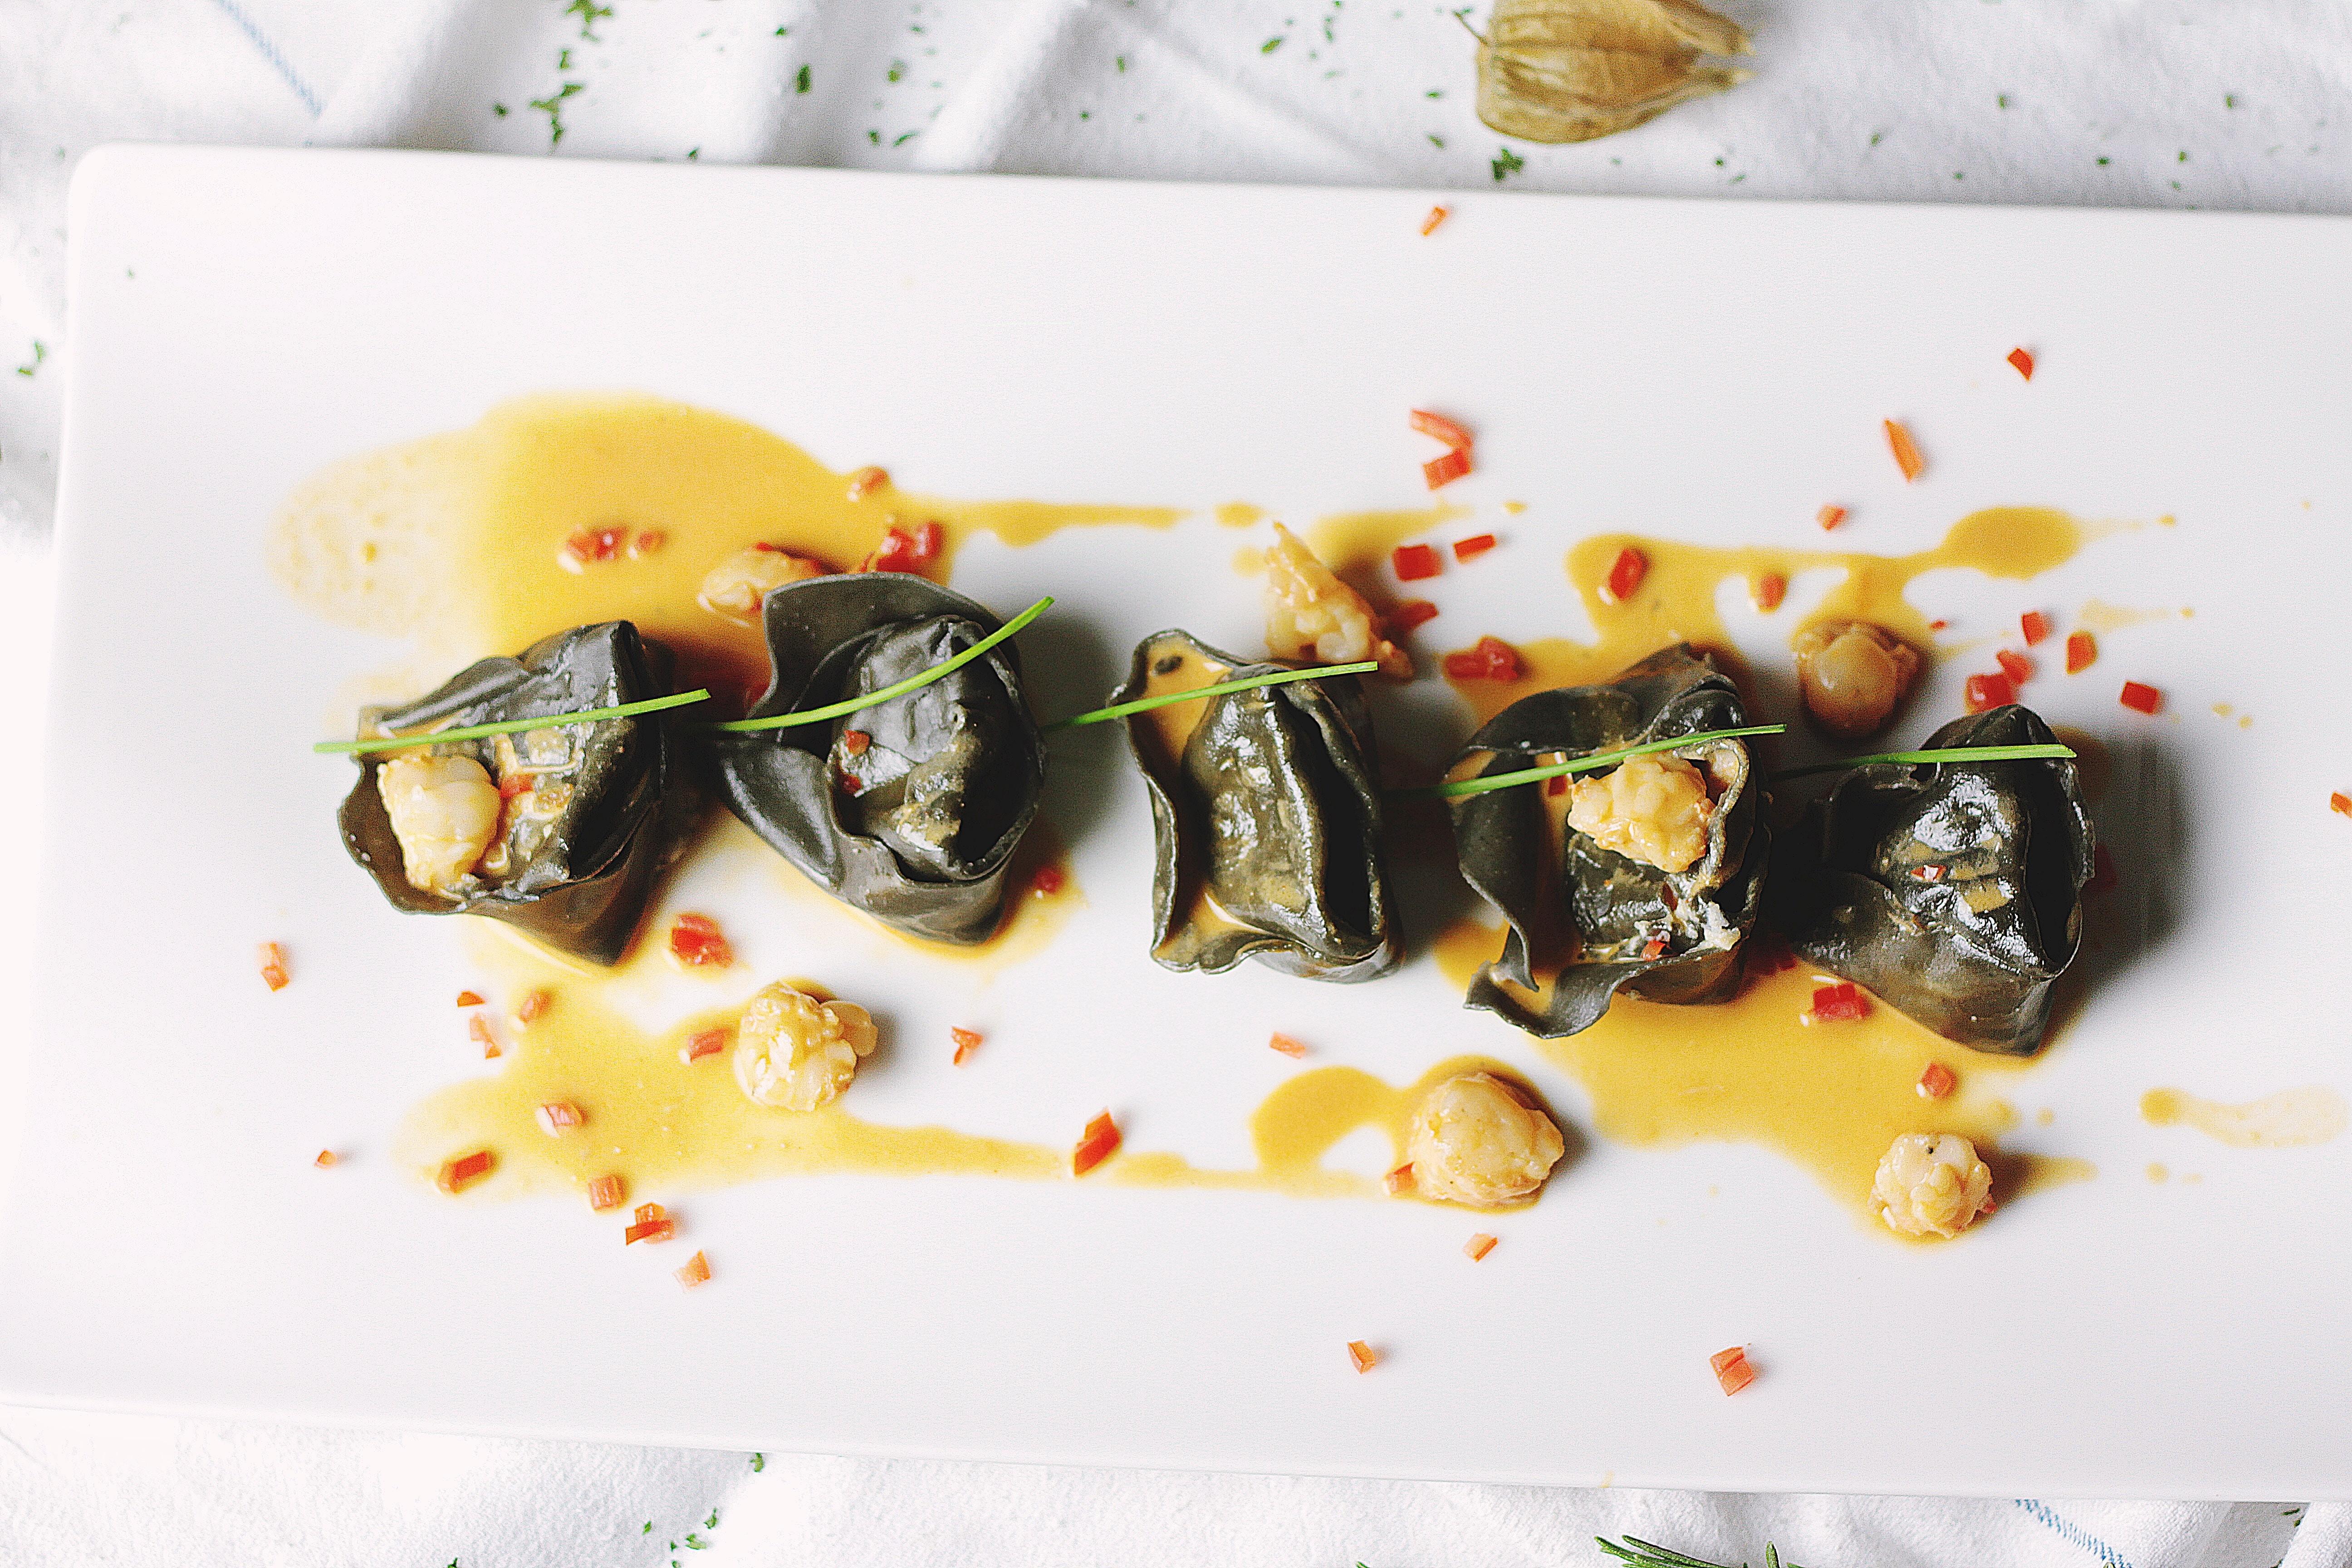 An overhead shot of an Asian dish on a white platter